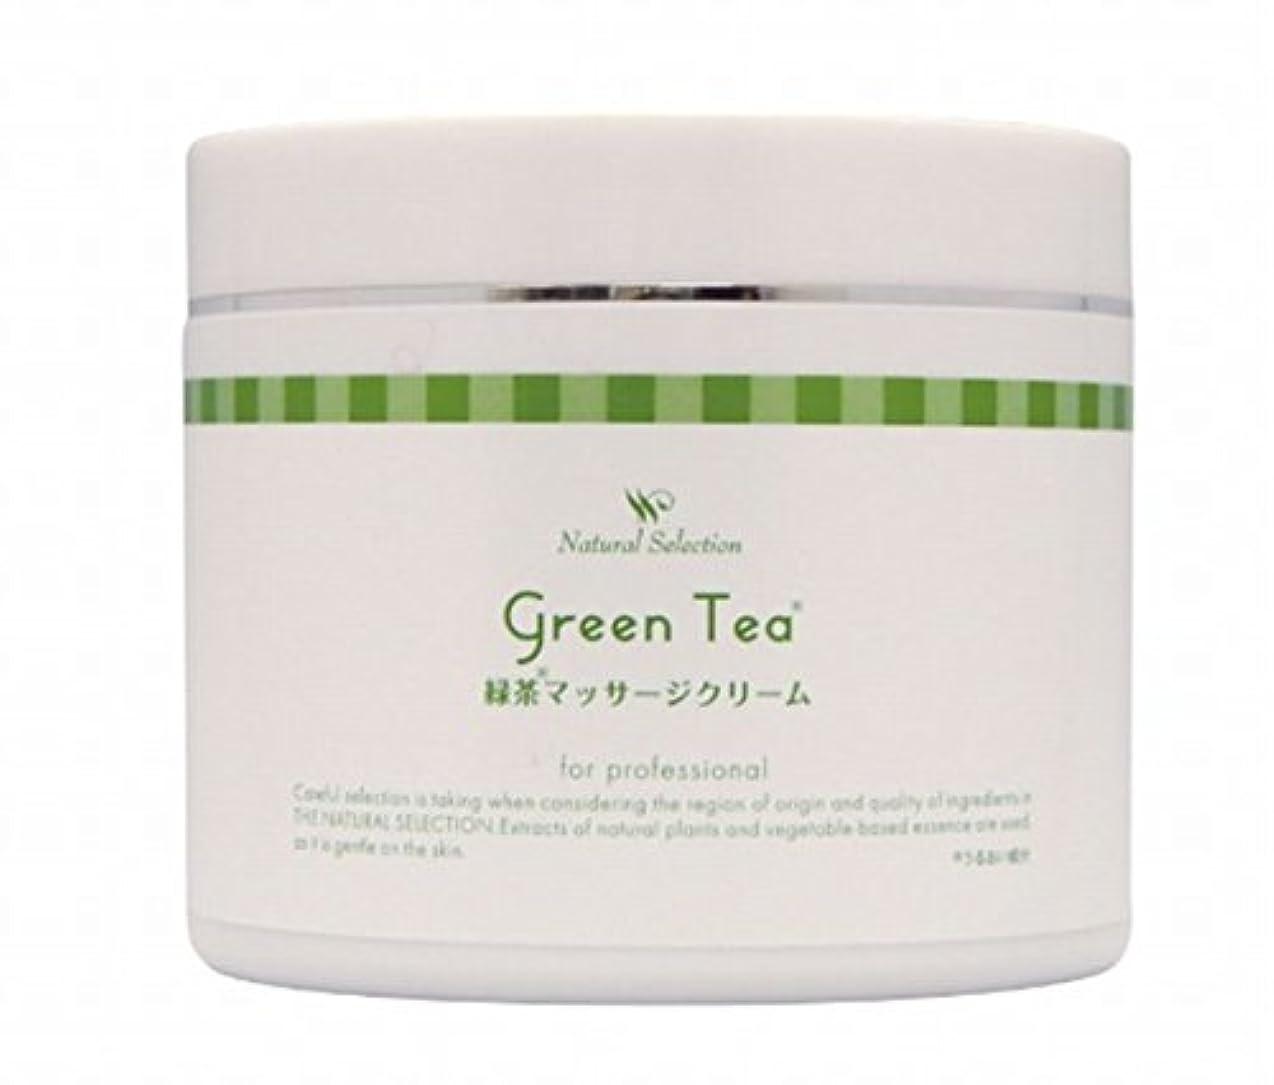 ドナー液体おなかがすいた緑茶マッサージクリーム(450g)【フットマッサージ】足もみクリーム